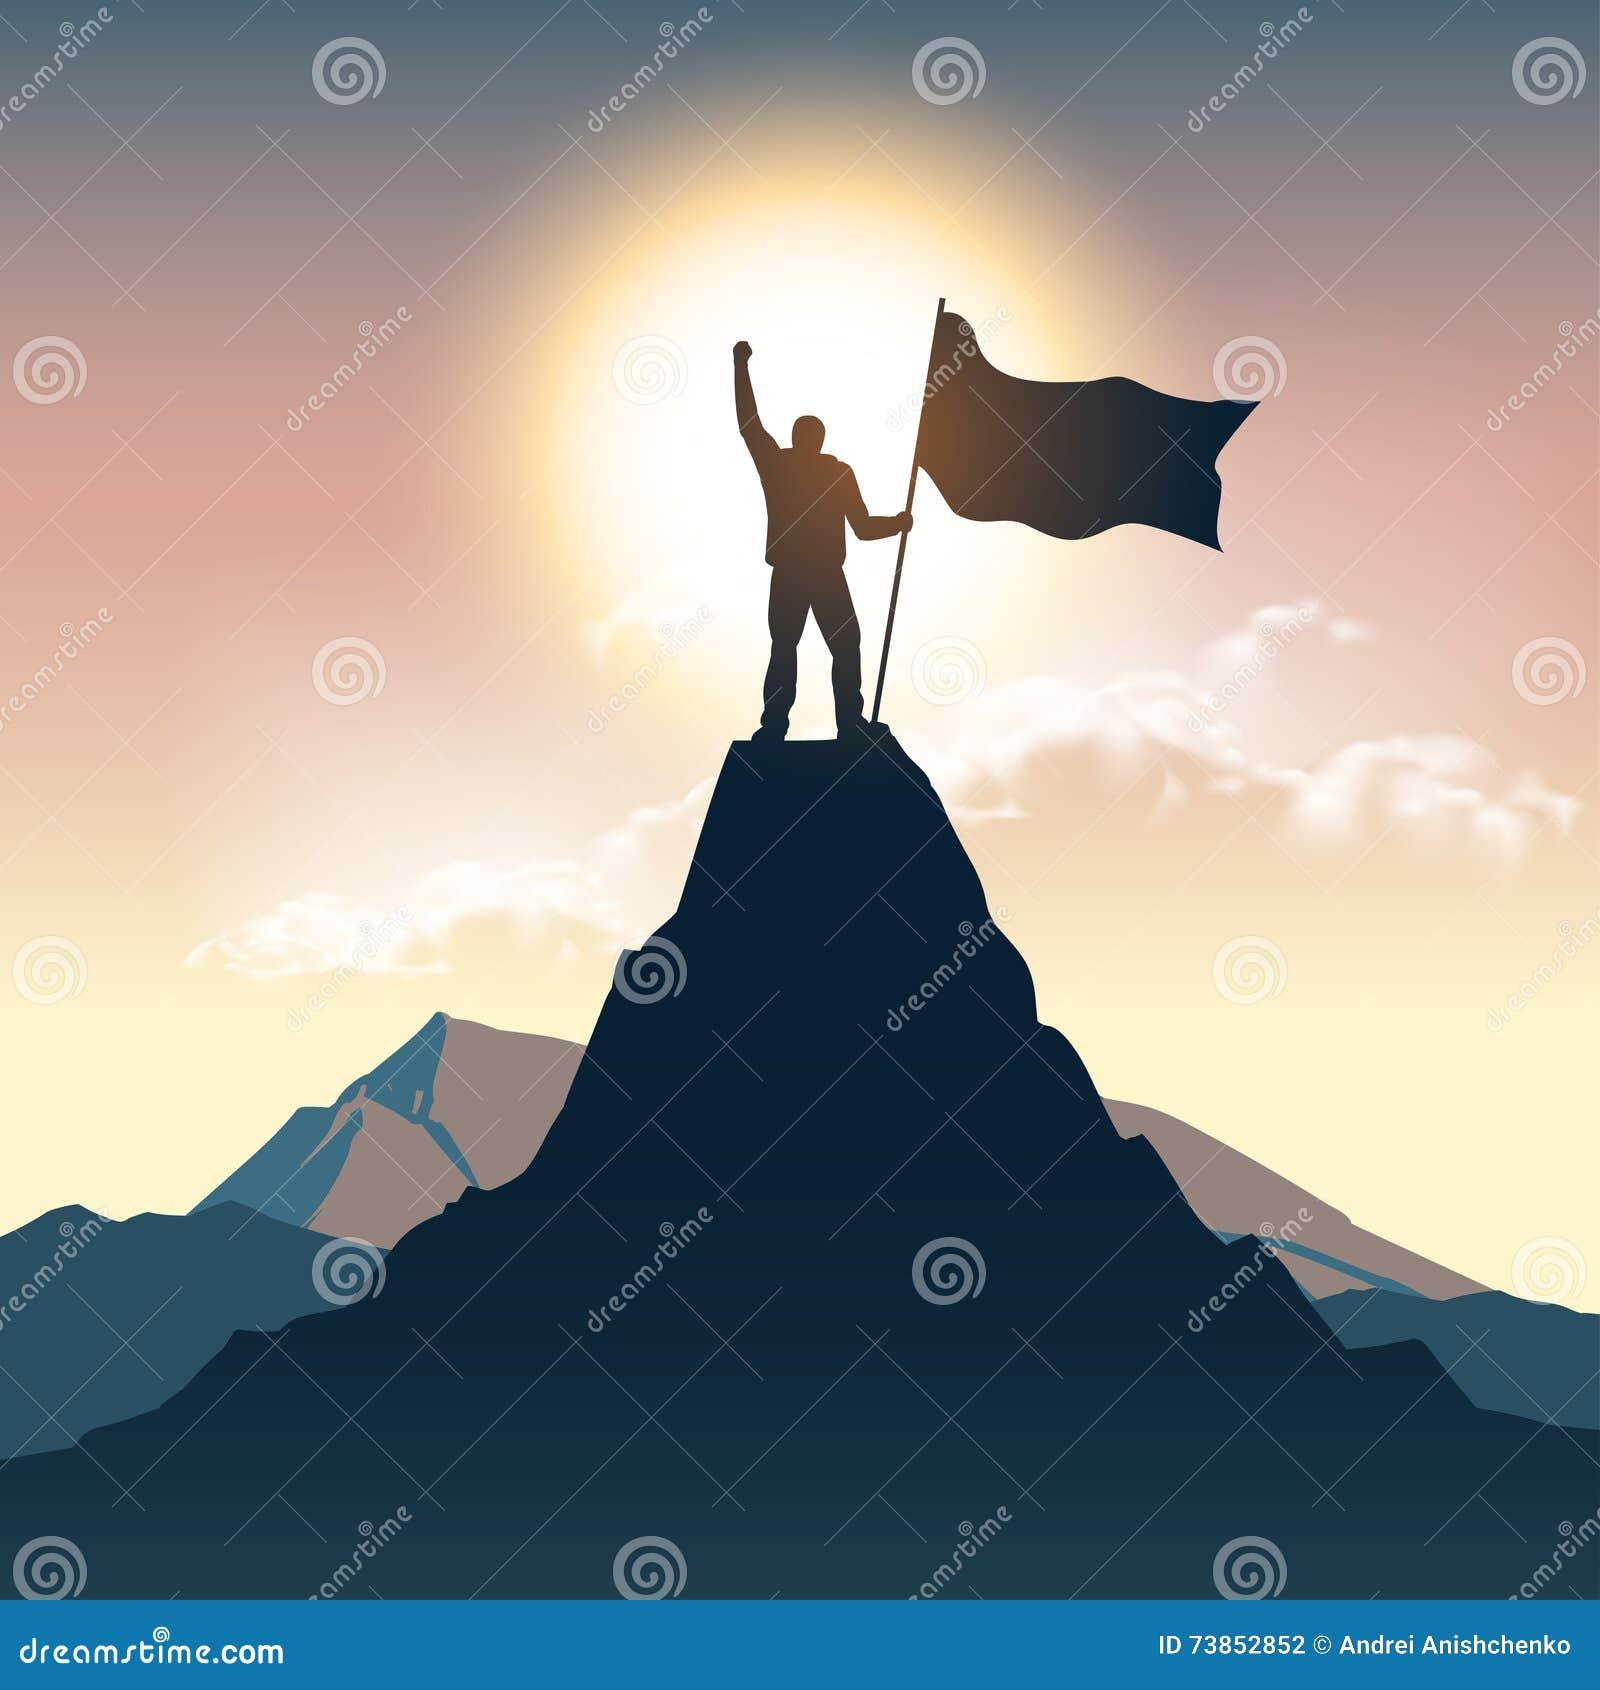 Silueta del hombre en el top de la montaña